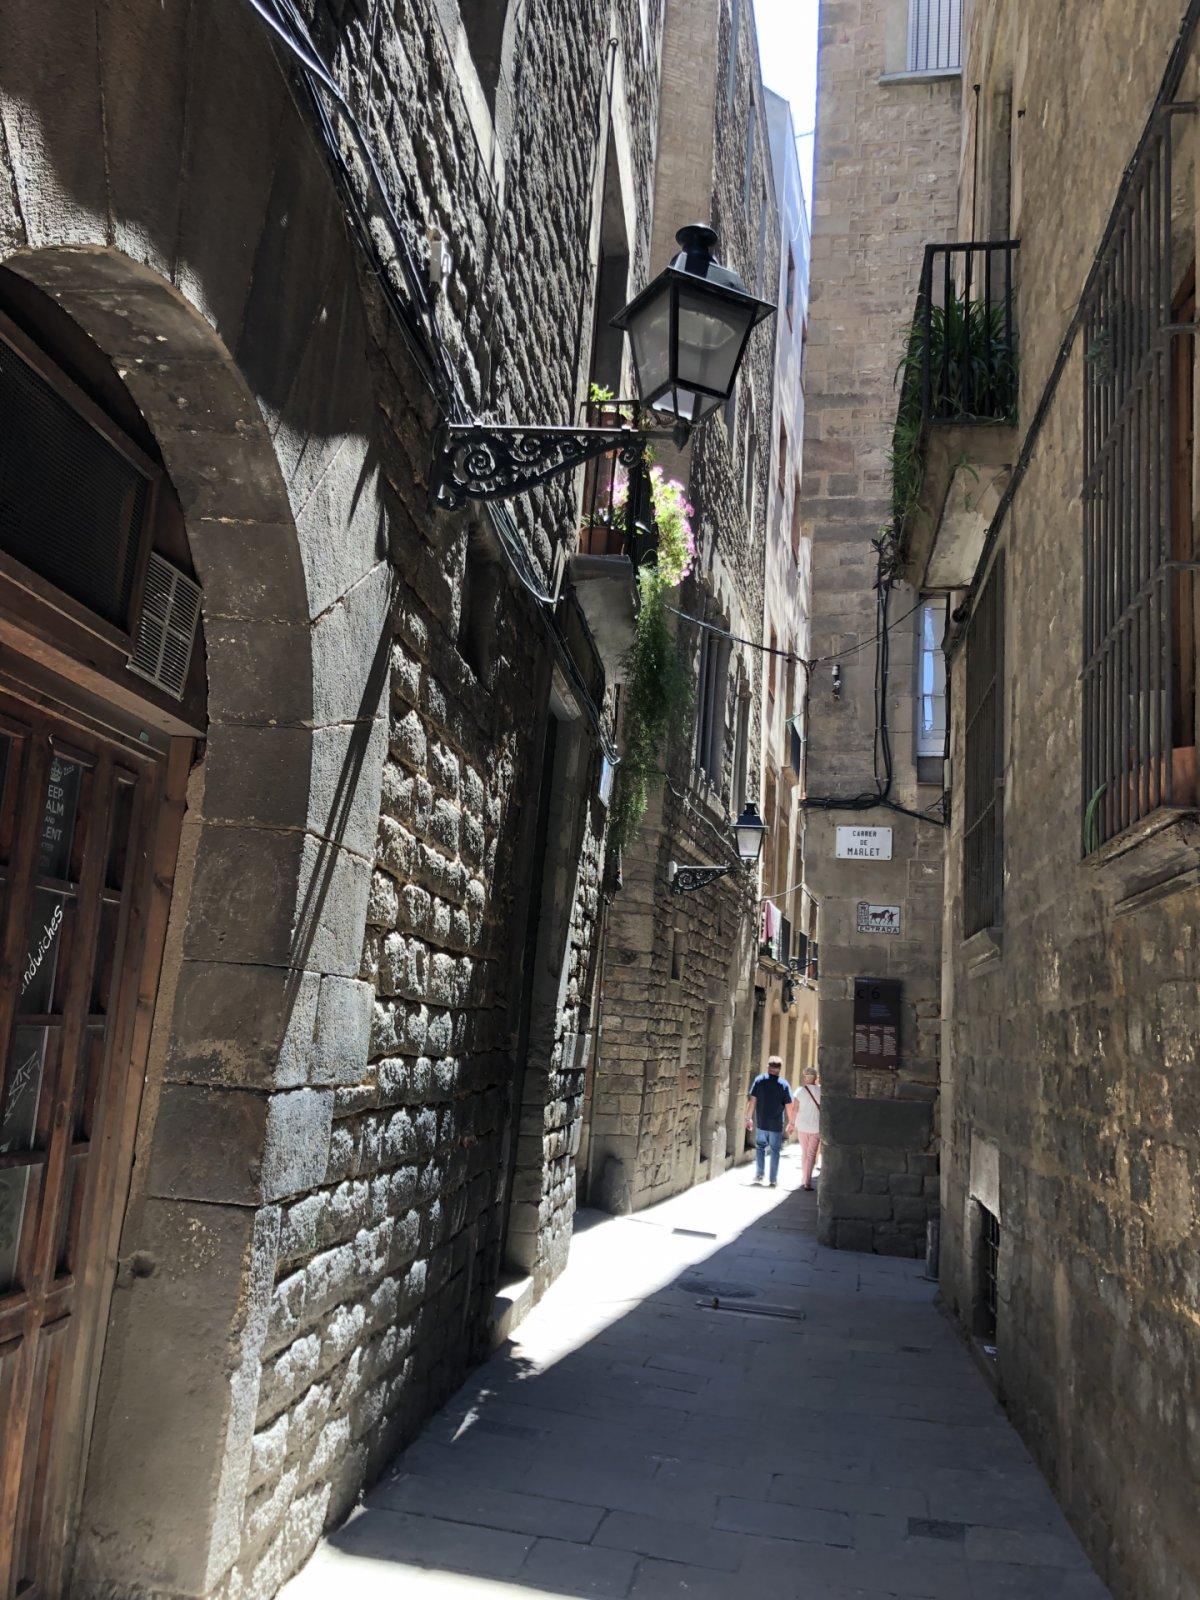 Обзорная экскурсия по Барселоне «Городу две тысячи лет»